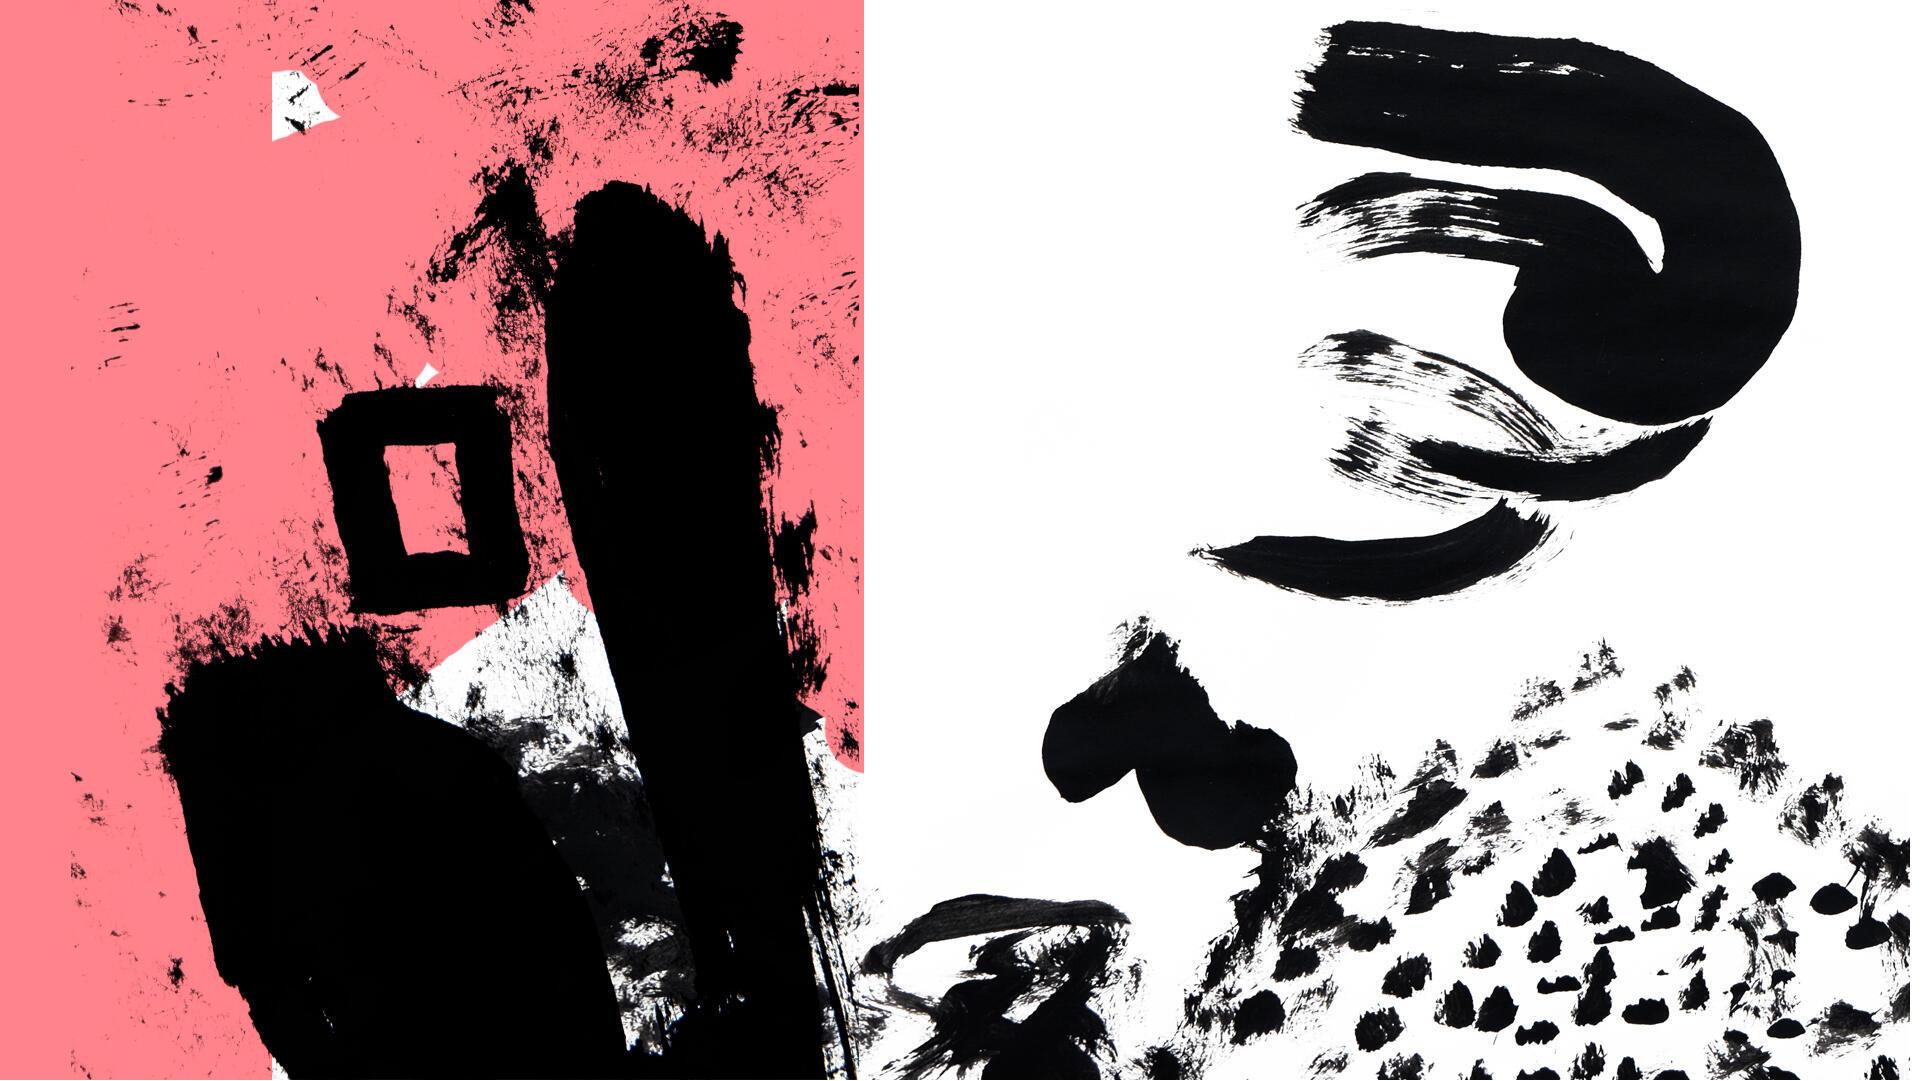 ELM-création-visuelle-collective_vaches_72 dpi